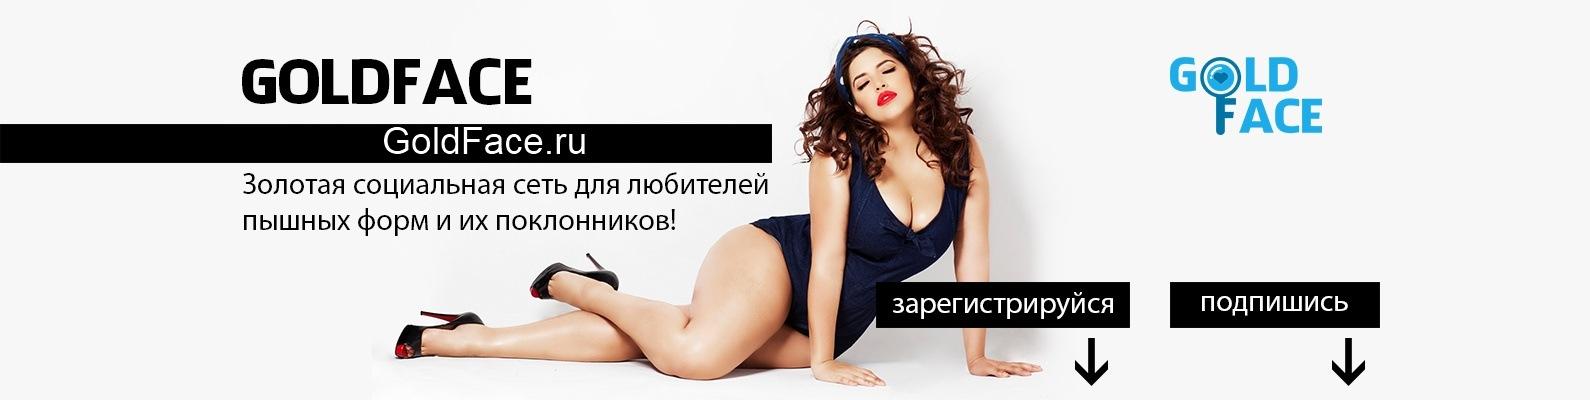 Знакомства с пышными формами знакомства маями.ру